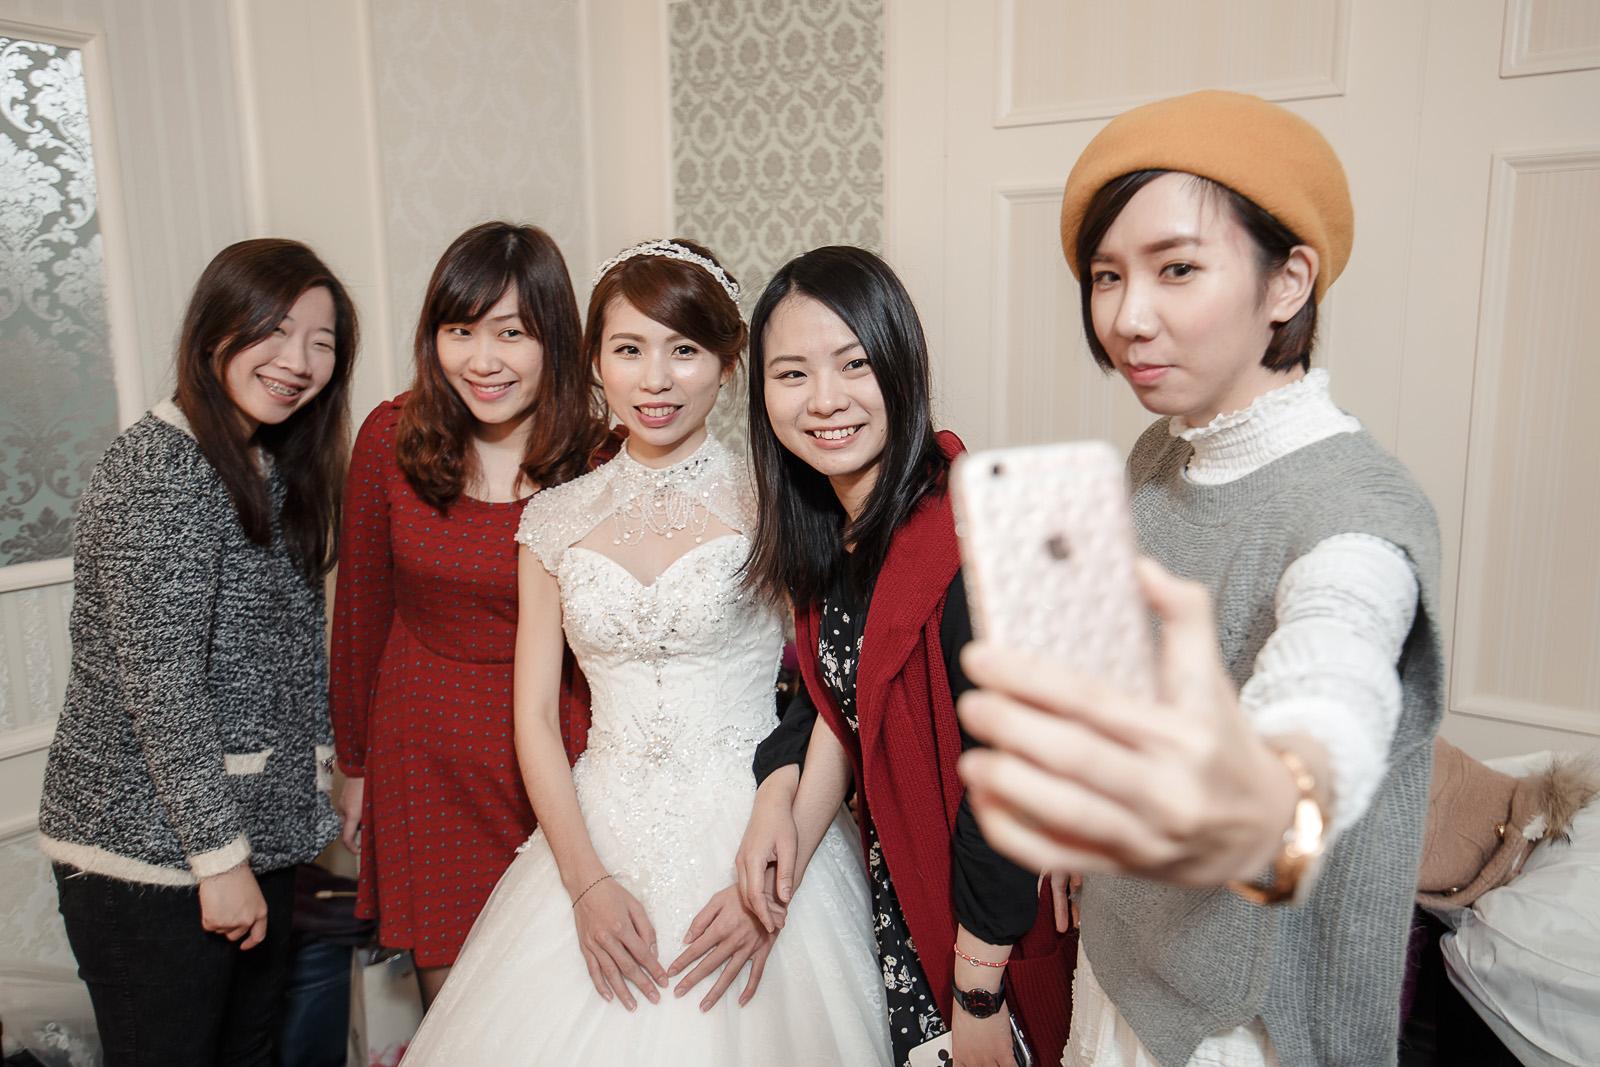 高雄圓山飯店,婚禮攝影,婚攝,高雄婚攝,優質婚攝推薦,Jen&Ethan-225